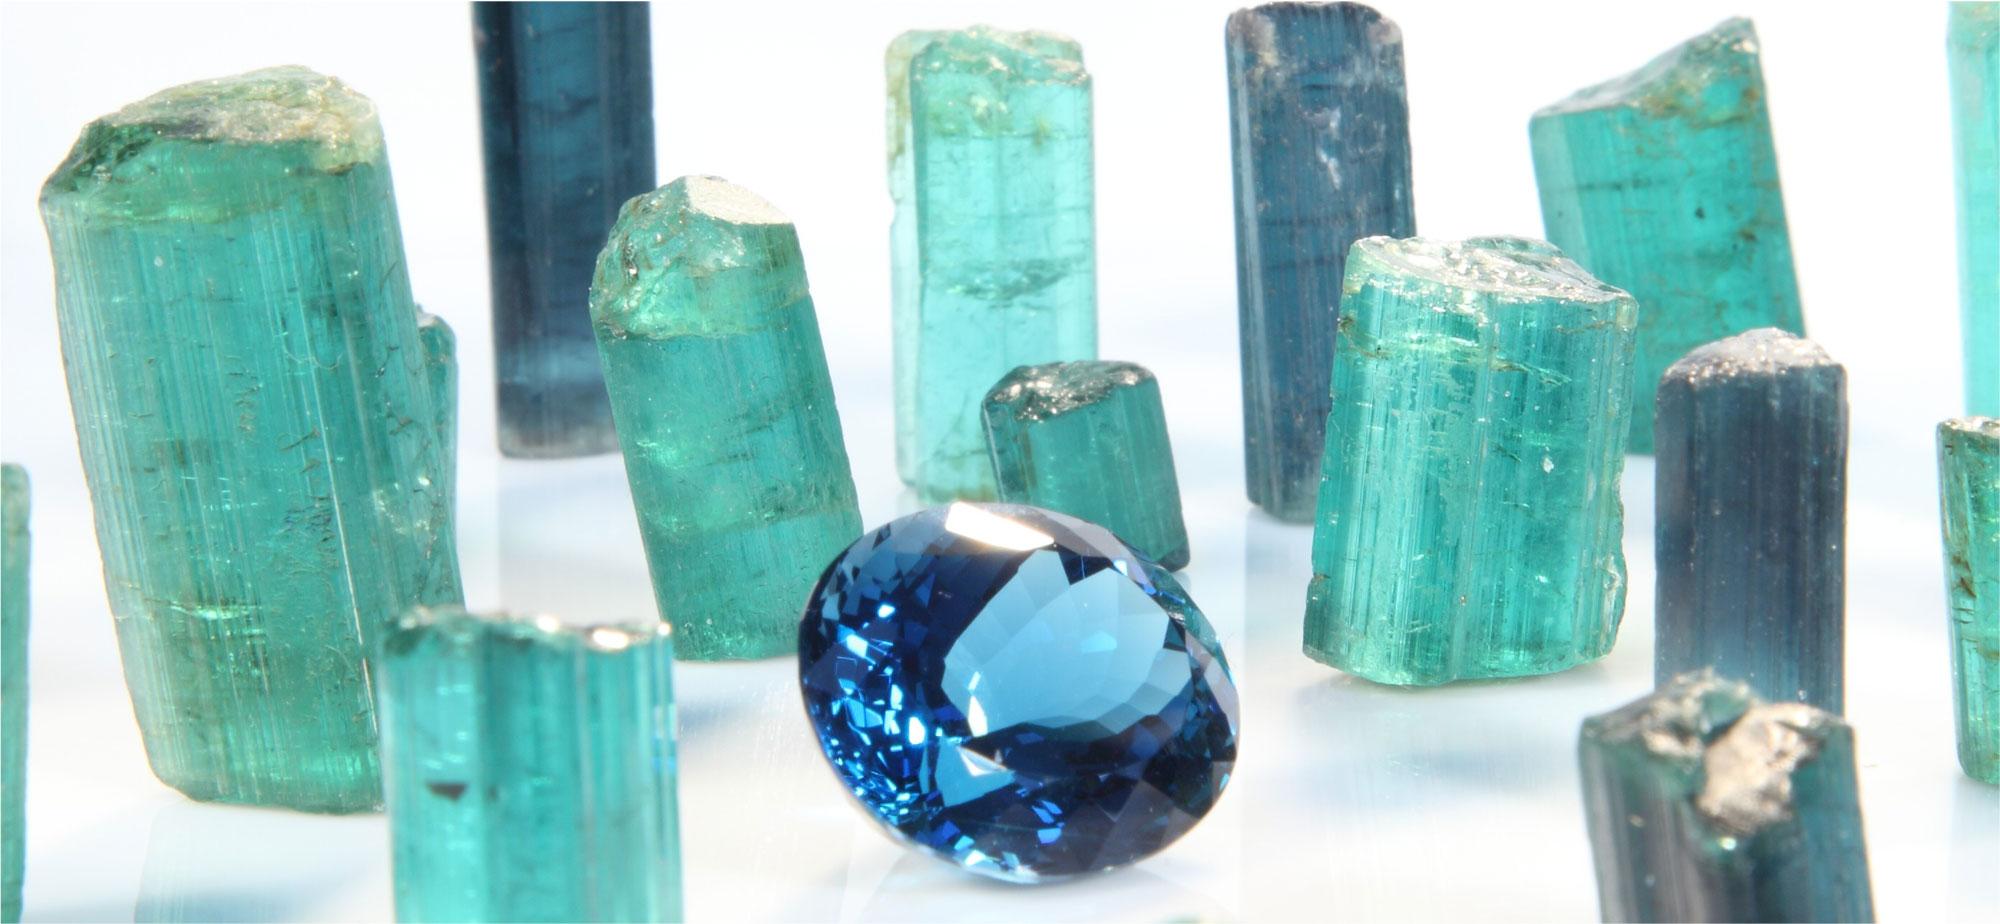 Petramundi - pietre preziose e semipreziose